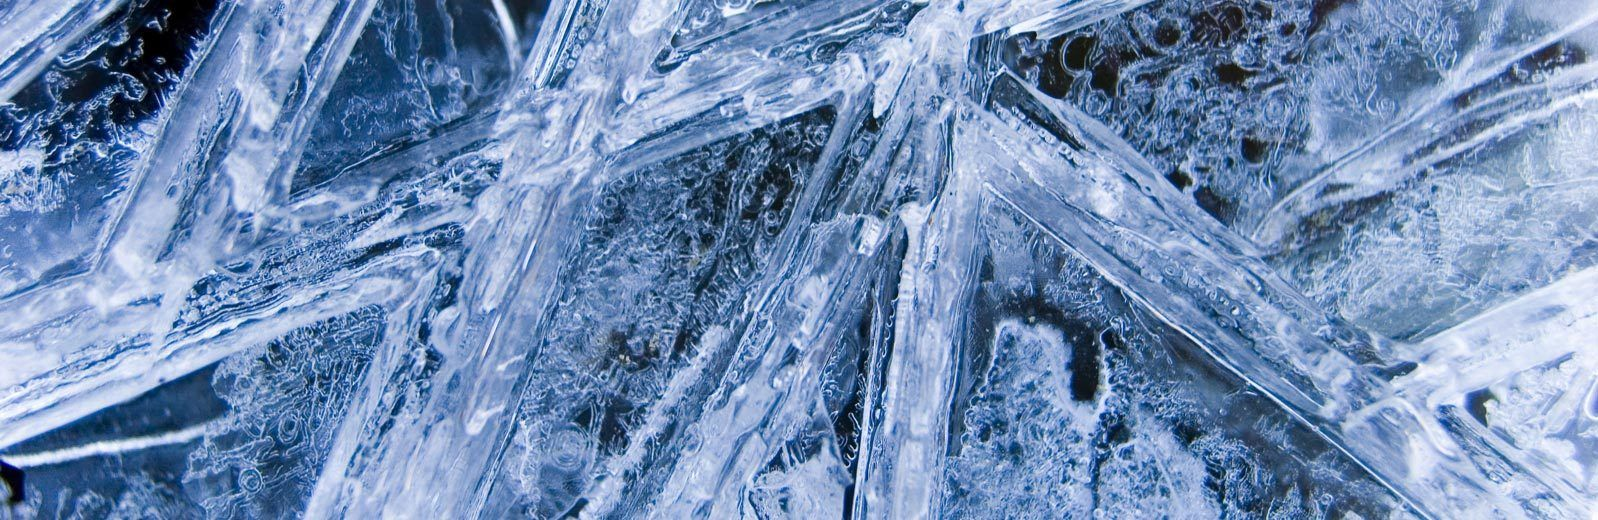 banner-ice.jpg